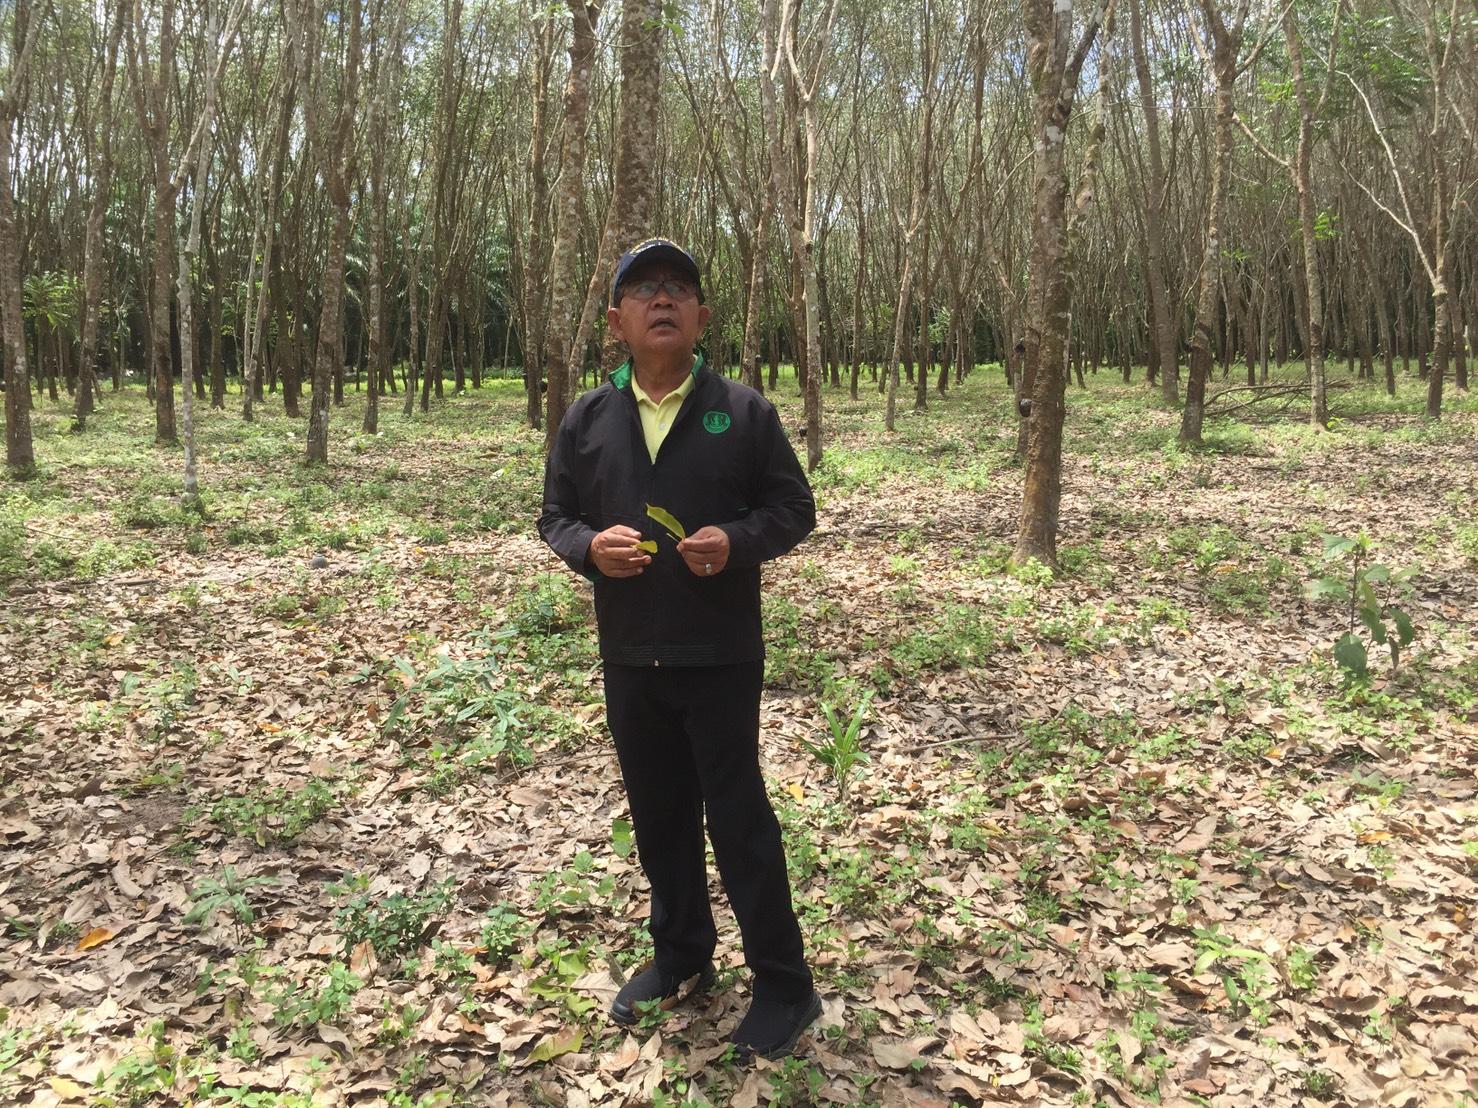 สำนักงานเกษตร กระบี่ เตือนชาวสวนยางพารา เฝ้าระวังโรคใบร่วงของยางพาราจากเชื้อราไฟทอปธอร่า ระบาด ในช่วงหน้าฝน